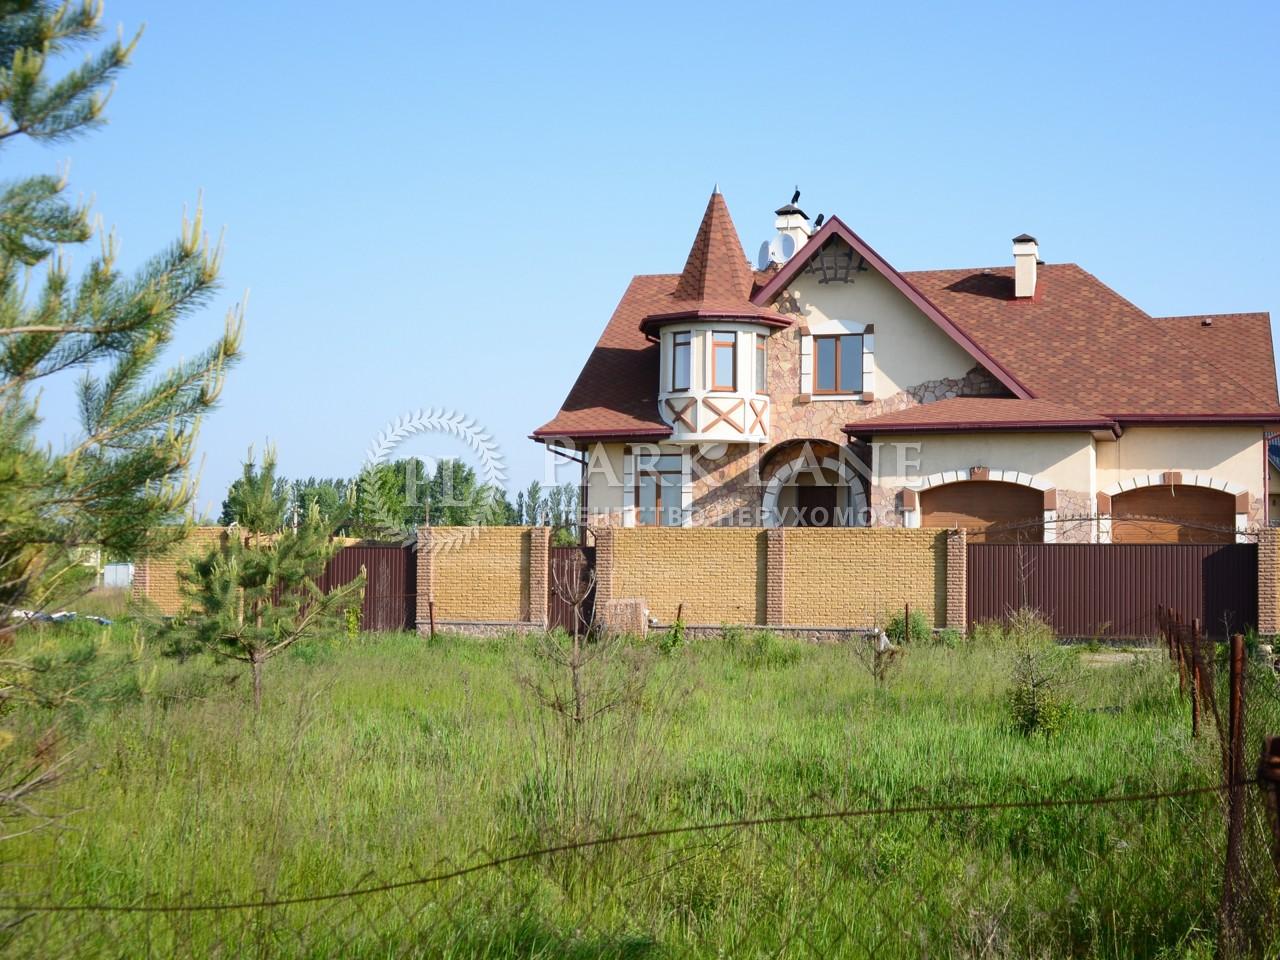 Земельна ділянка Рудики (Конча-Заспа), R-17247 - Фото 3